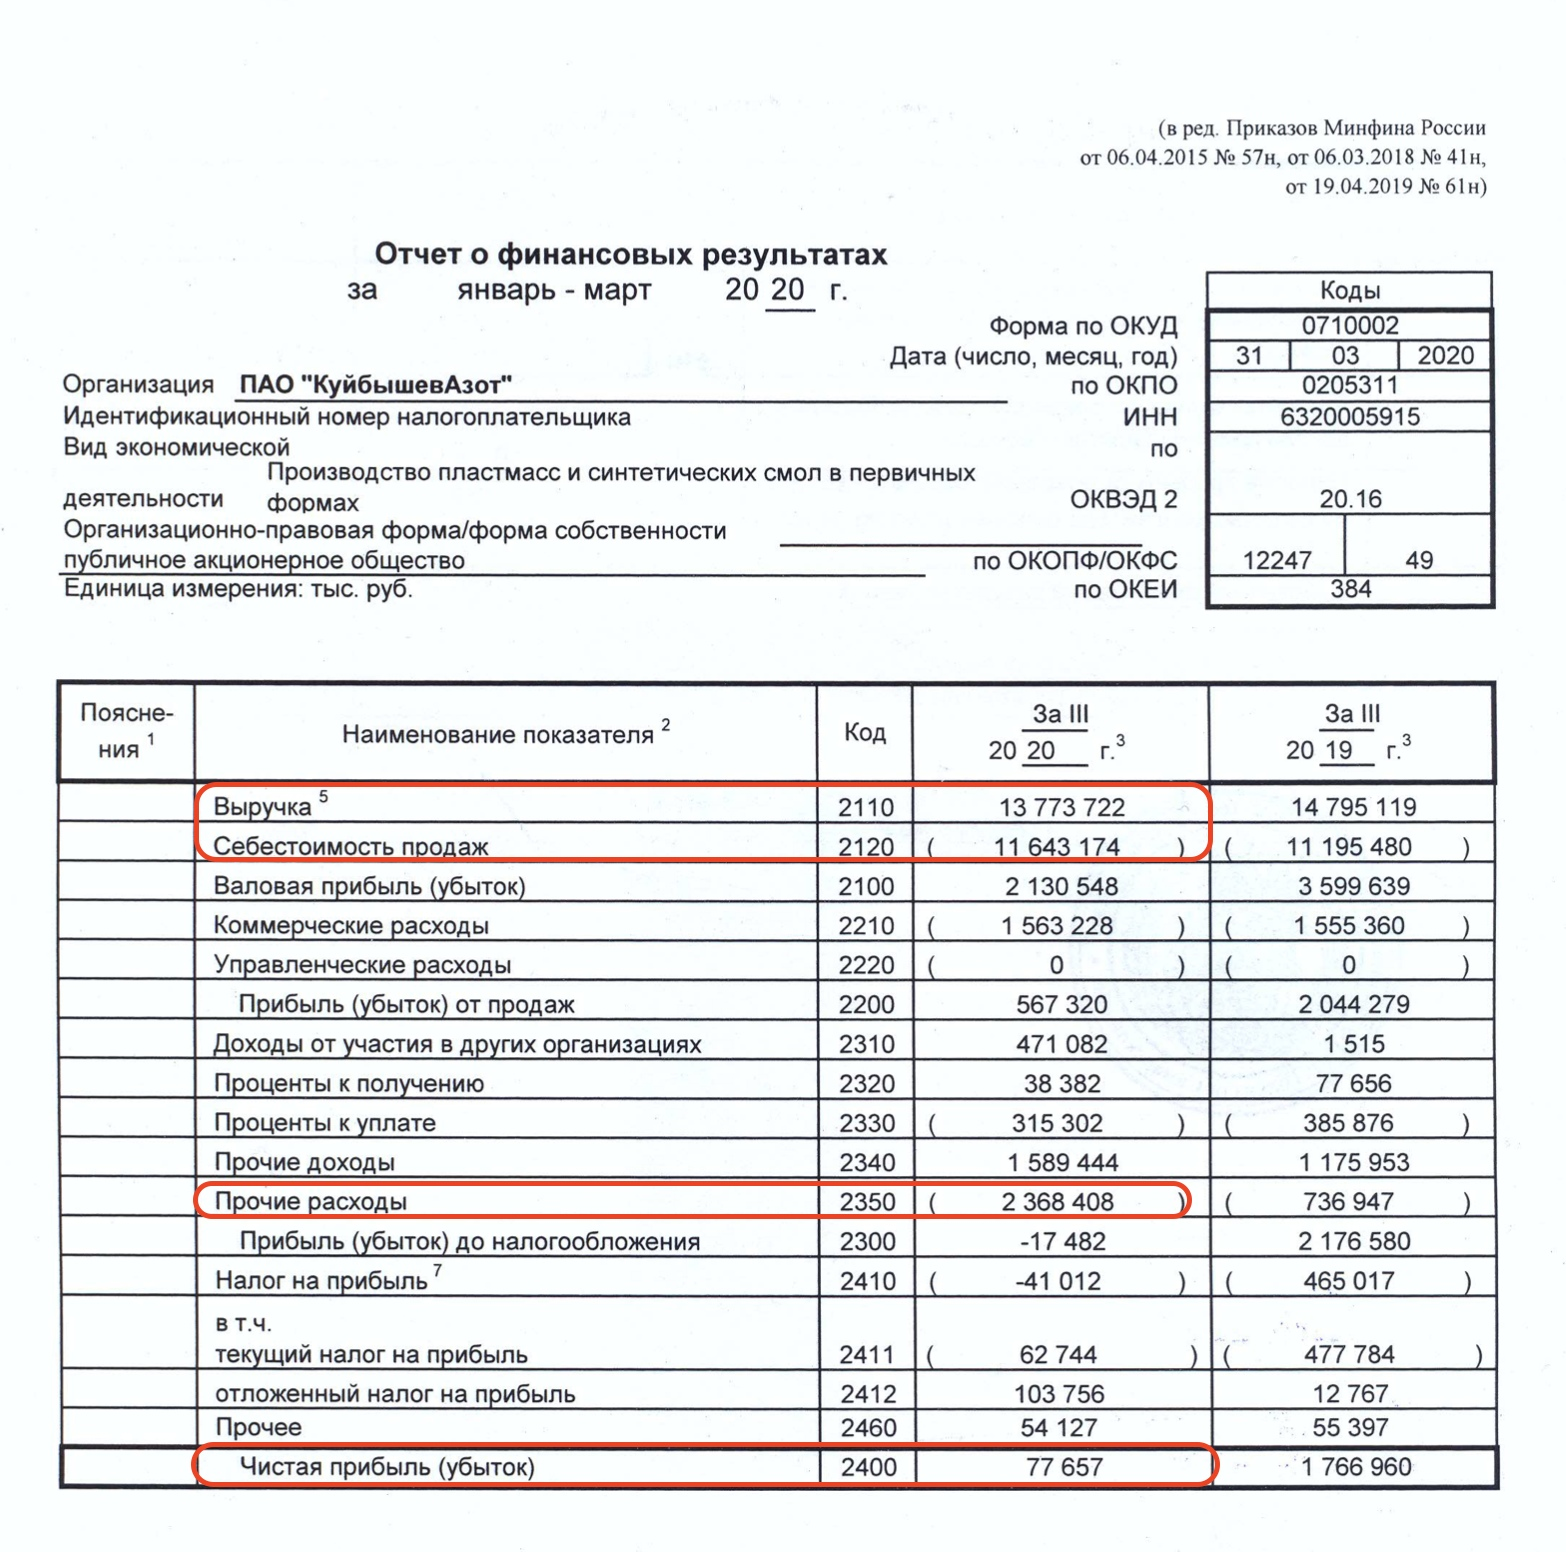 КуйбышевАзот - полный разбор компании + SWOT-анализ, изображение №4